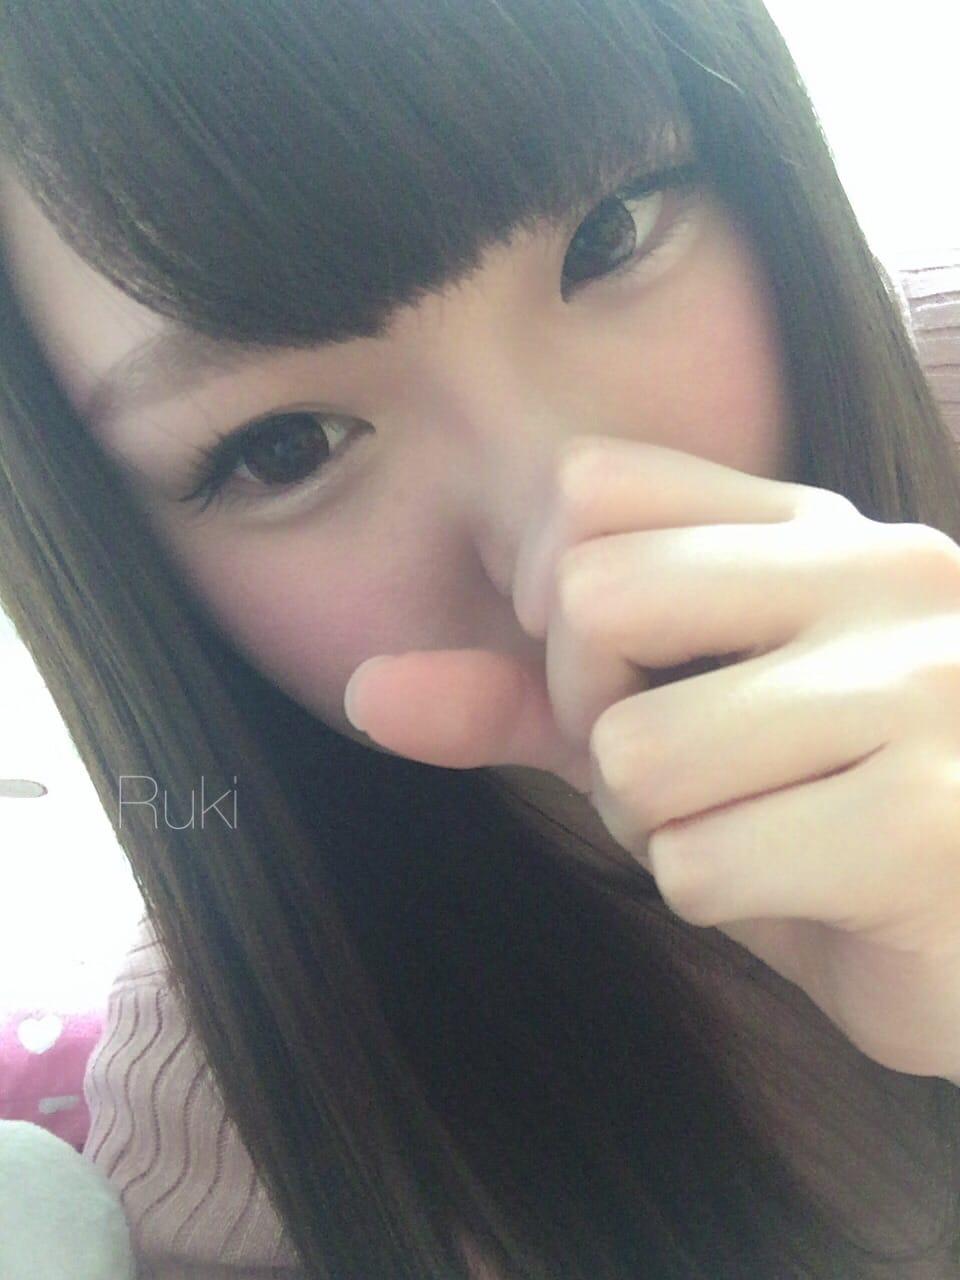 るき 癒し系HカップGIRL「> お礼♡」09/24(日) 13:48 | るき 癒し系HカップGIRLの写メ・風俗動画